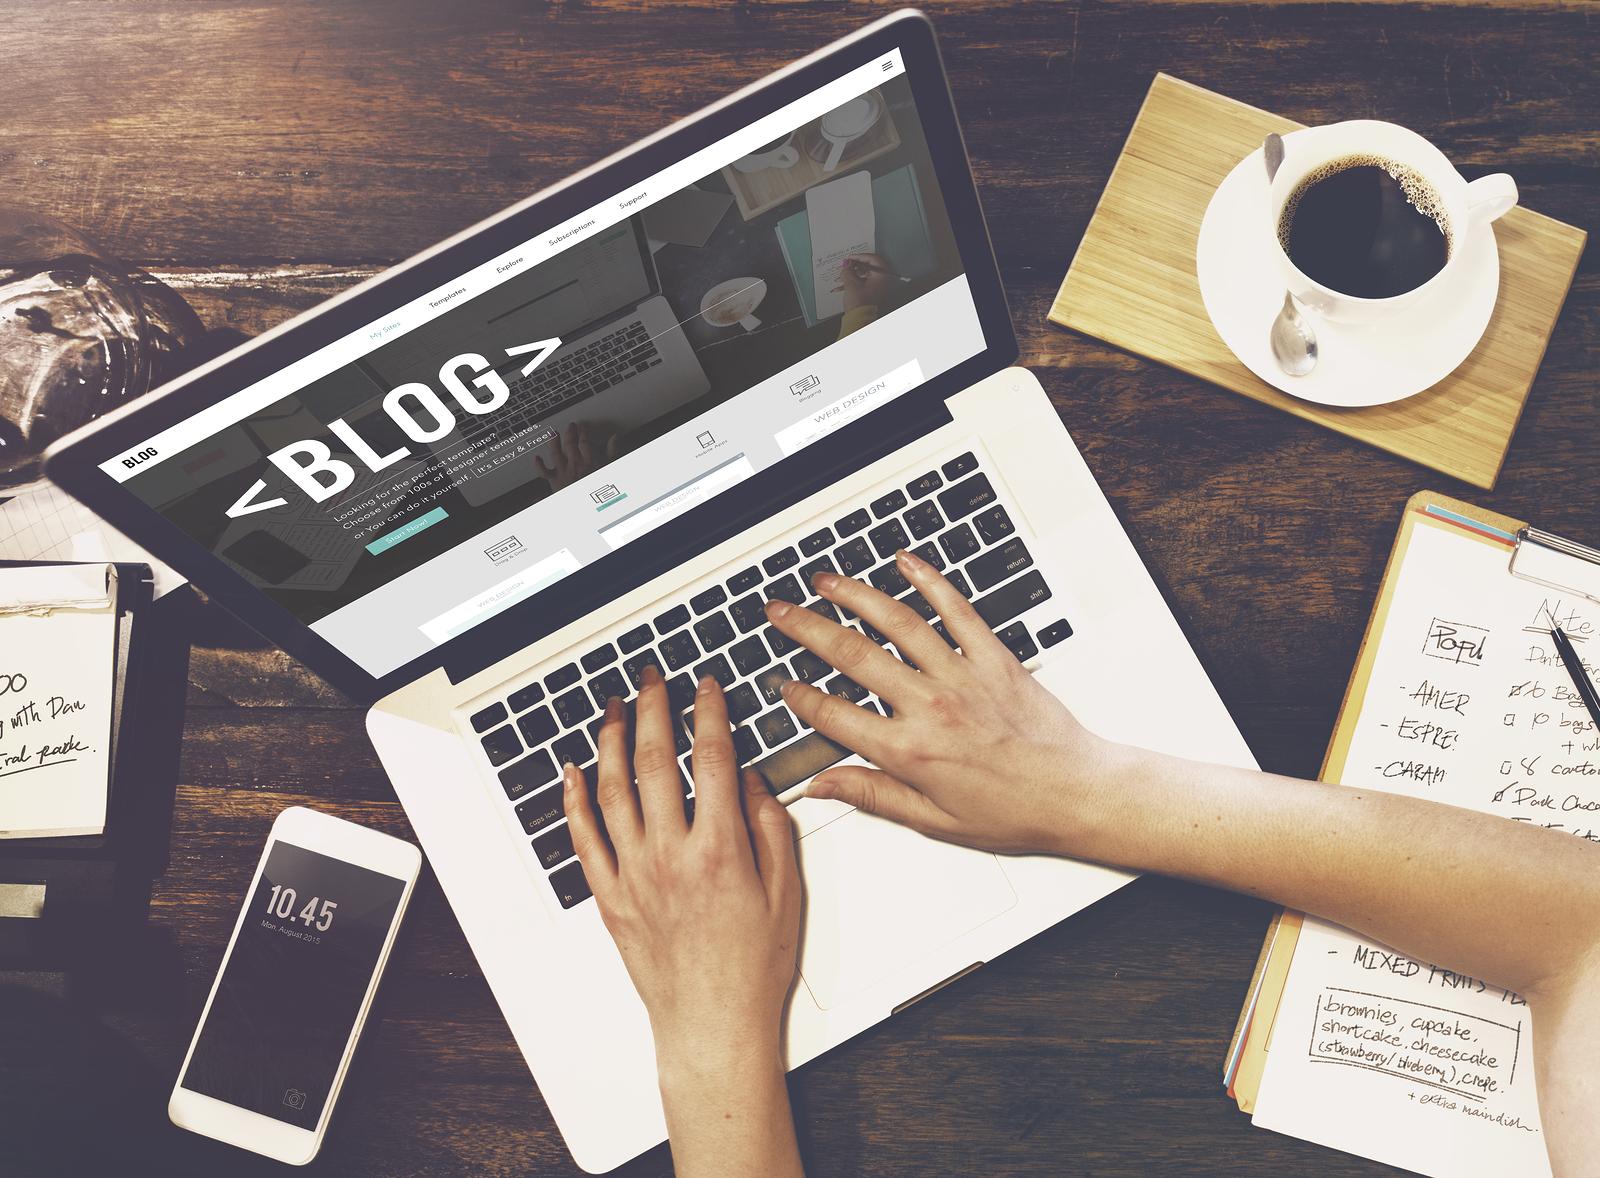 Dịch vụ viết bài SEO chất lượng, hiệu quả cho Doanh nghiệp